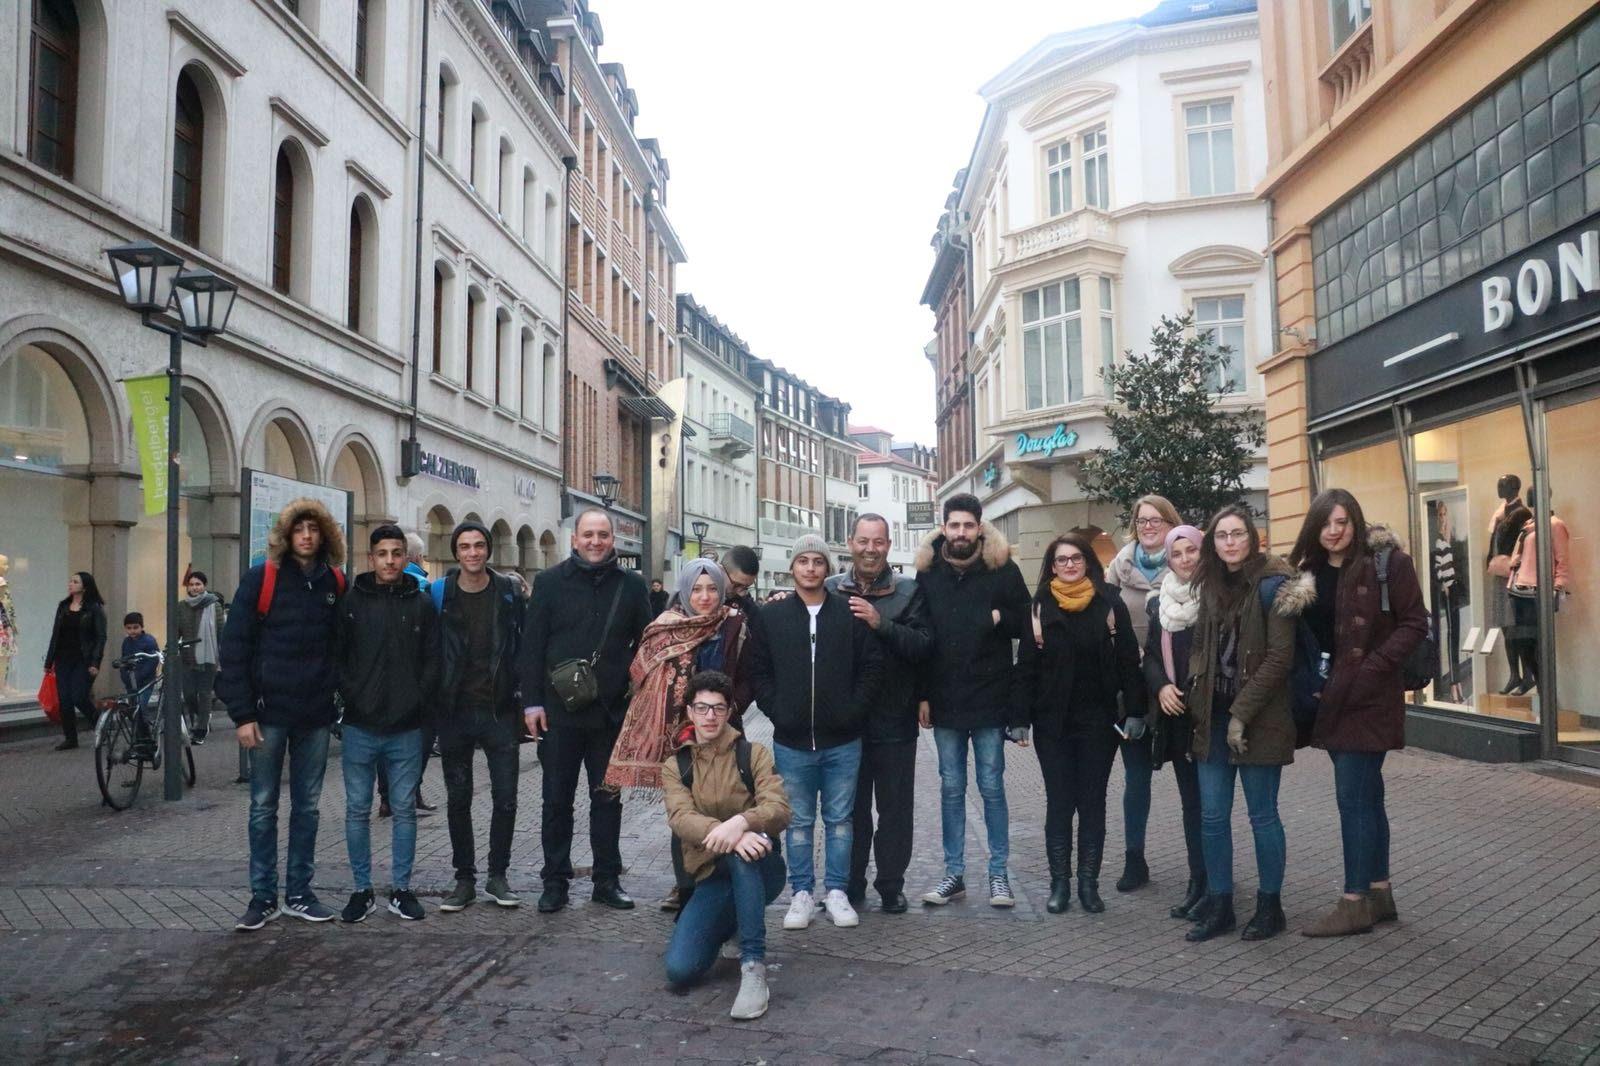 اليوم الاول لبعثة مدرسة آفاق في مدينة هايدلبرج الالمانية